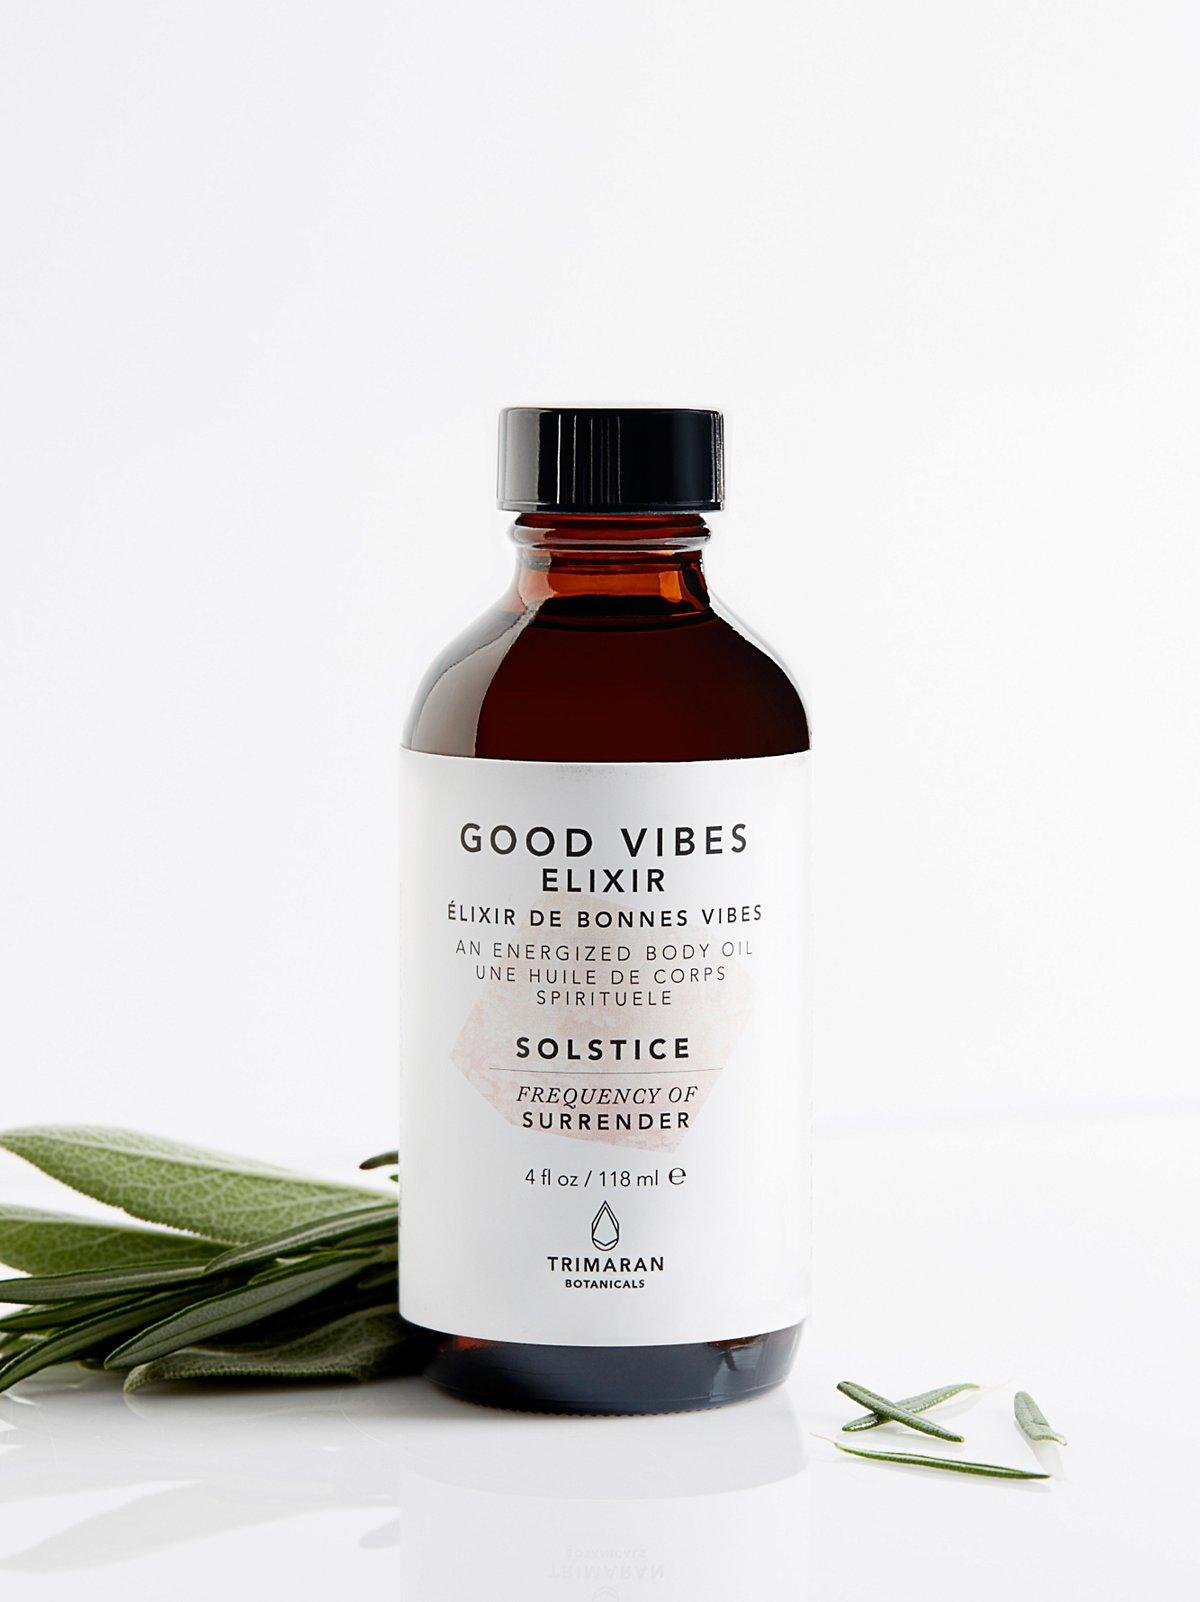 Good Vibes Elixir